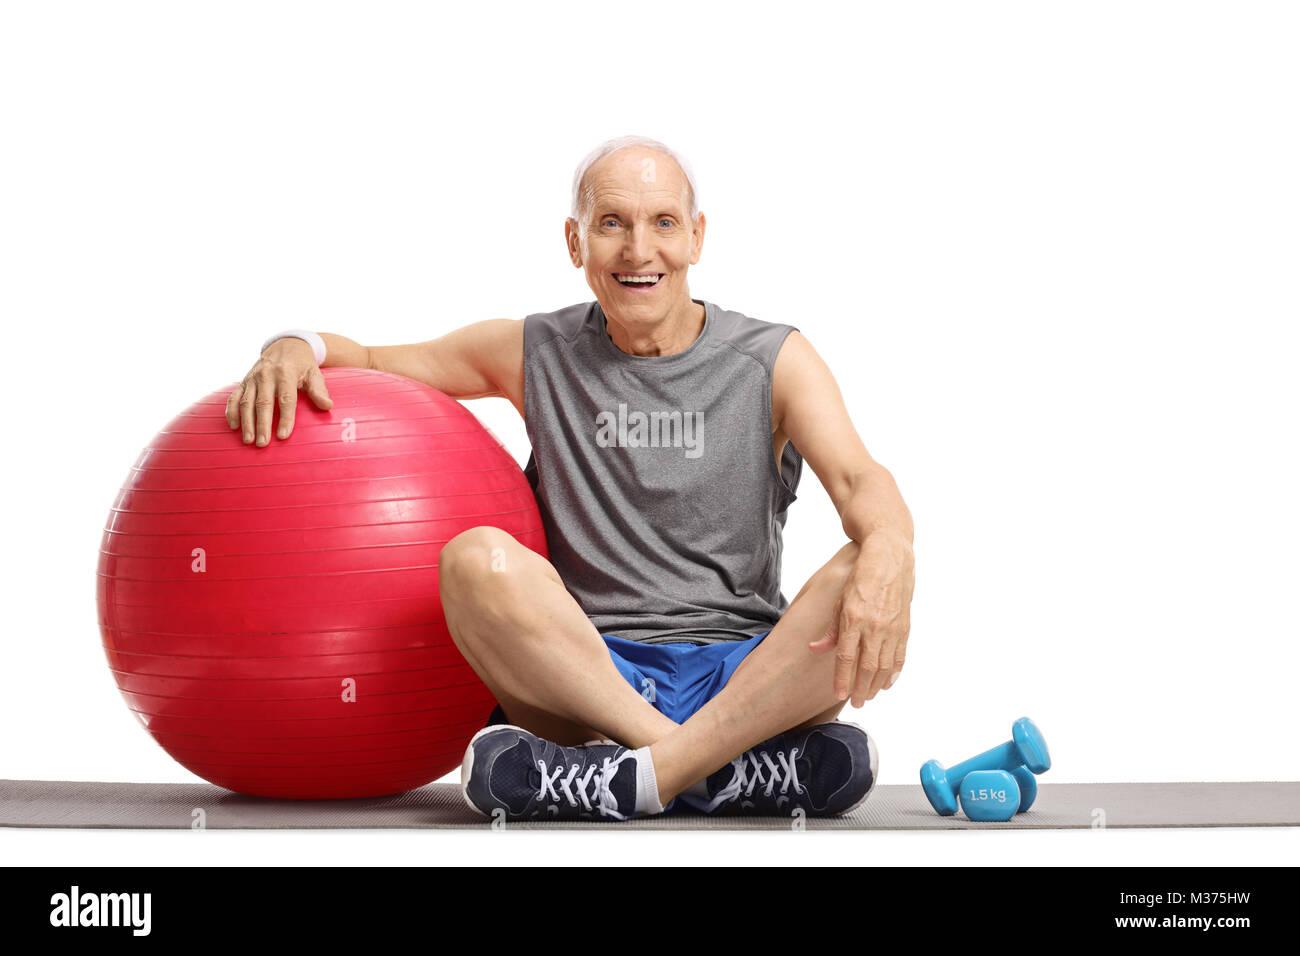 Hombre de edad con una bola de pilates y pesas sentada sobre una colchoneta de  ejercicios 270686029fe3